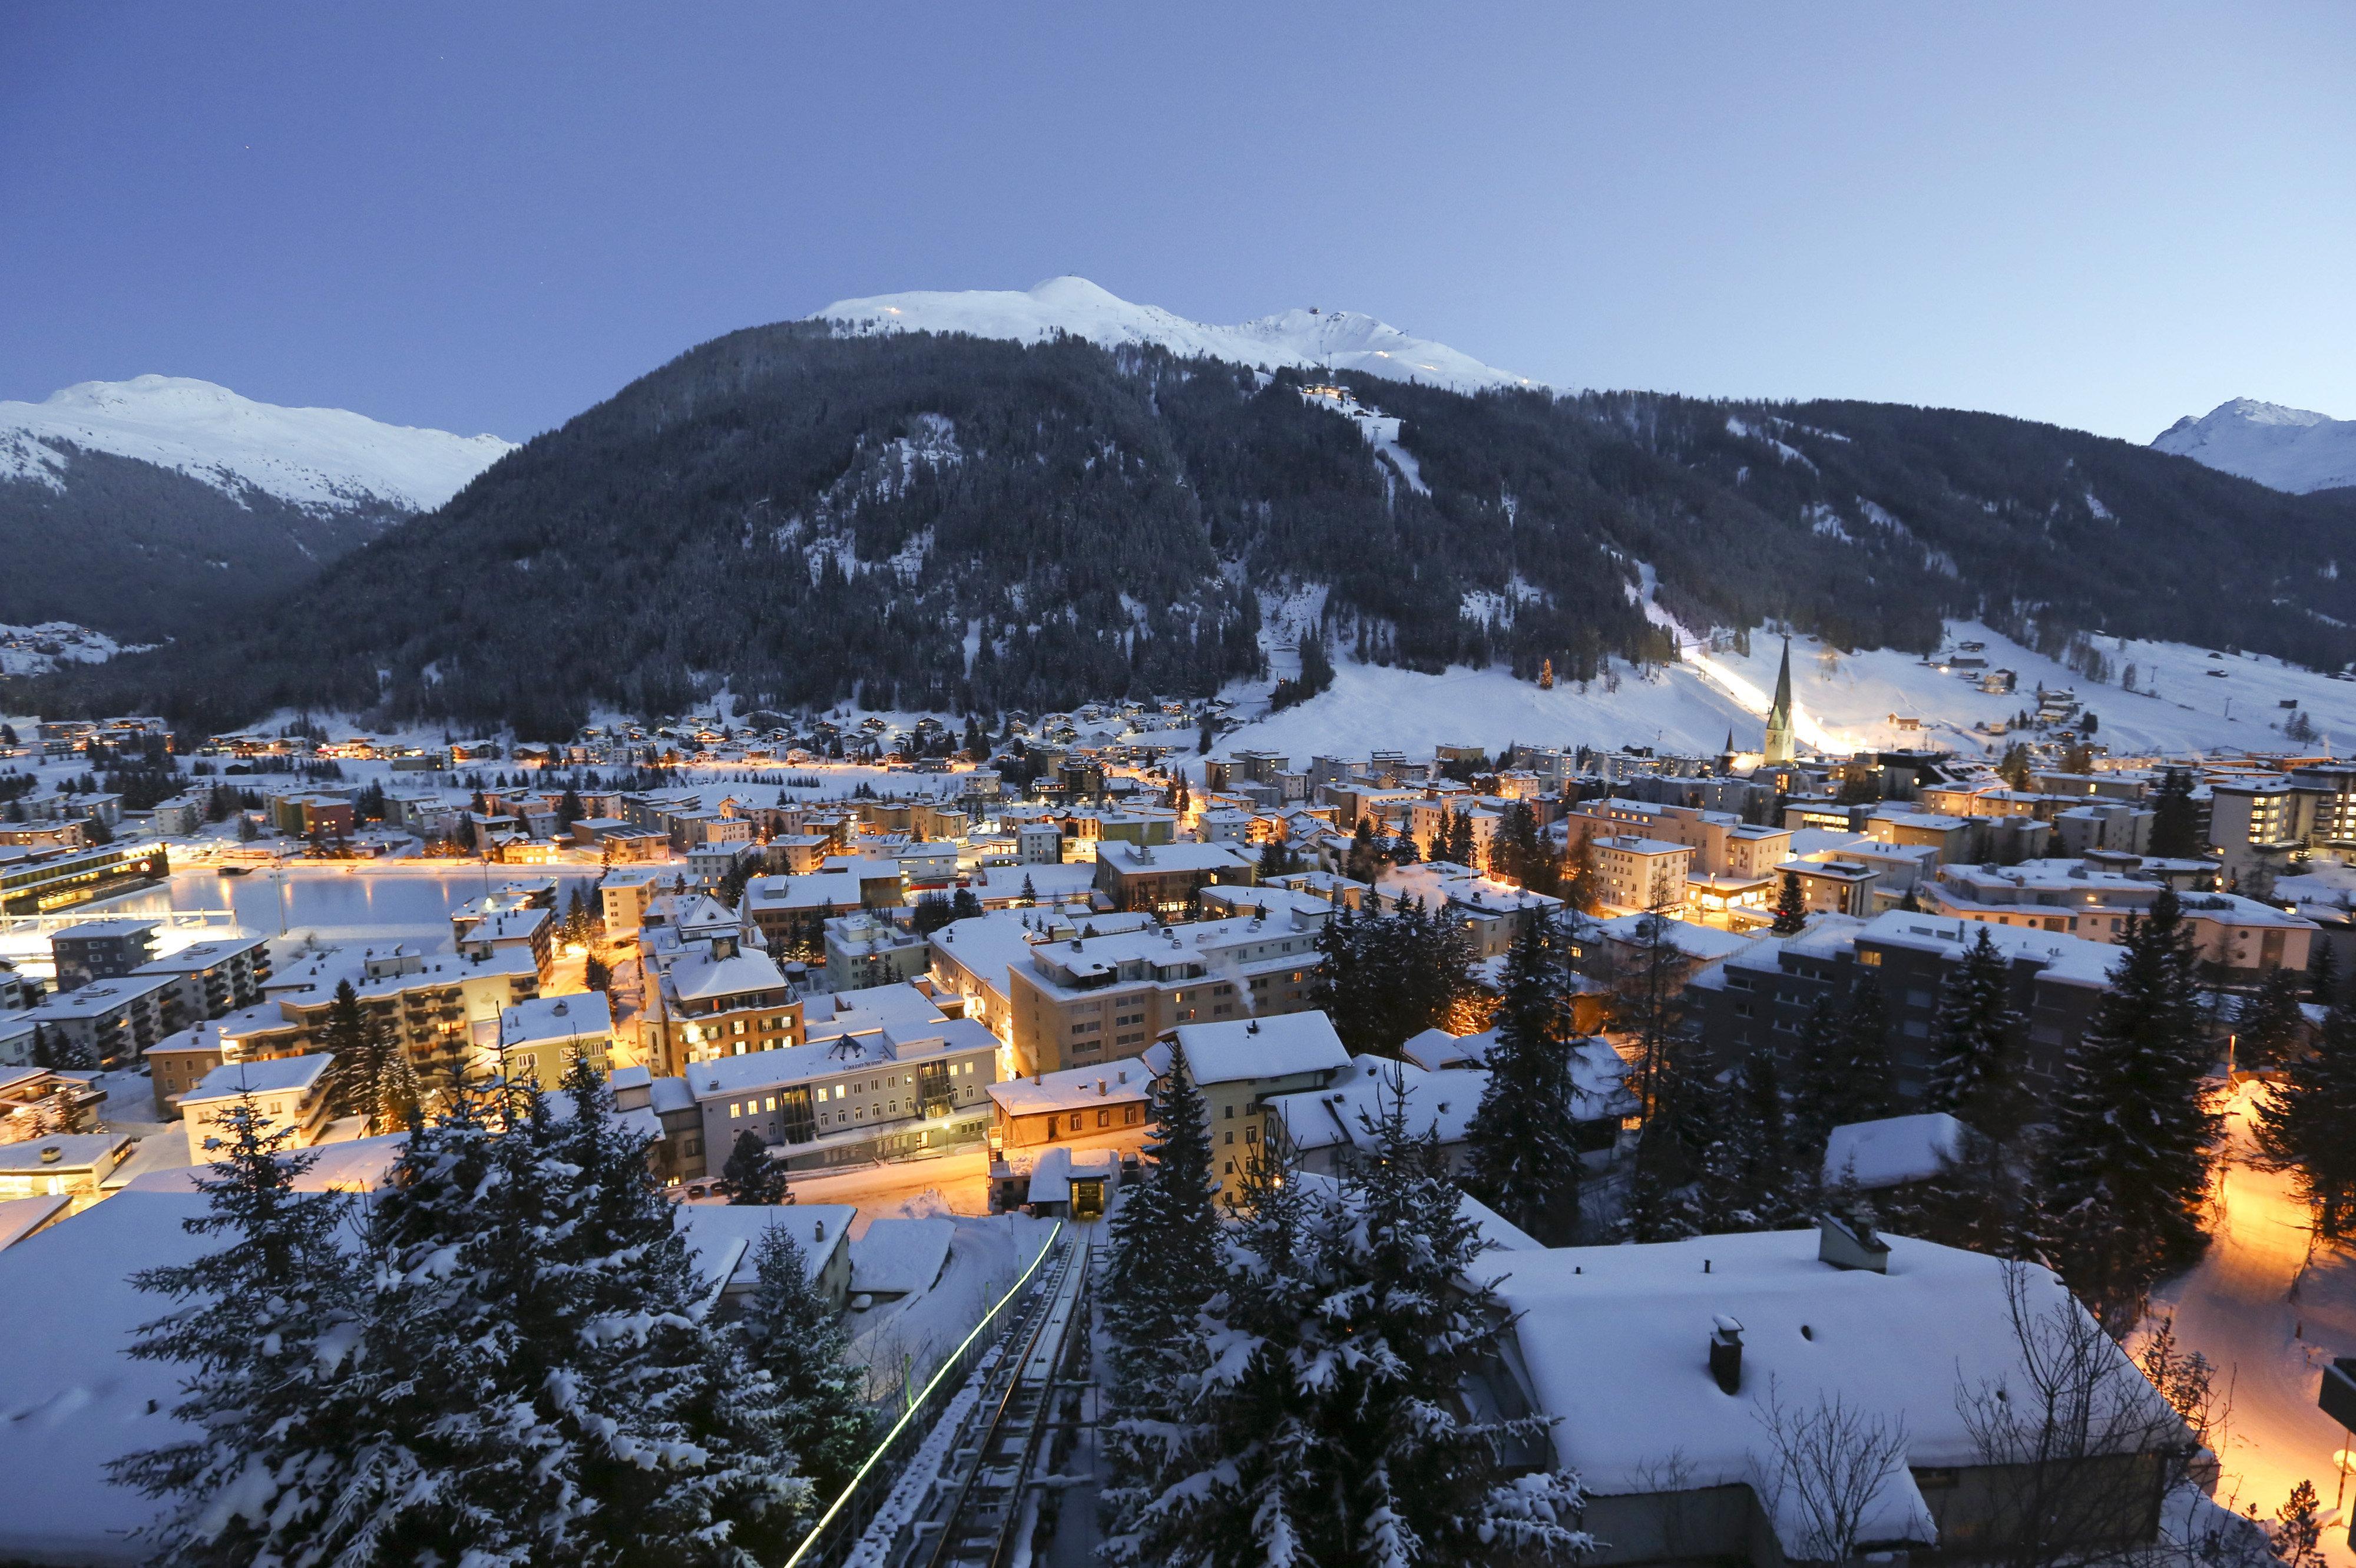 Η παγκόσμια ελίτ συναντάται στο Νταβός μέσα σε κλίμα ευφορίας και μεγάλο όγκο χιονιού